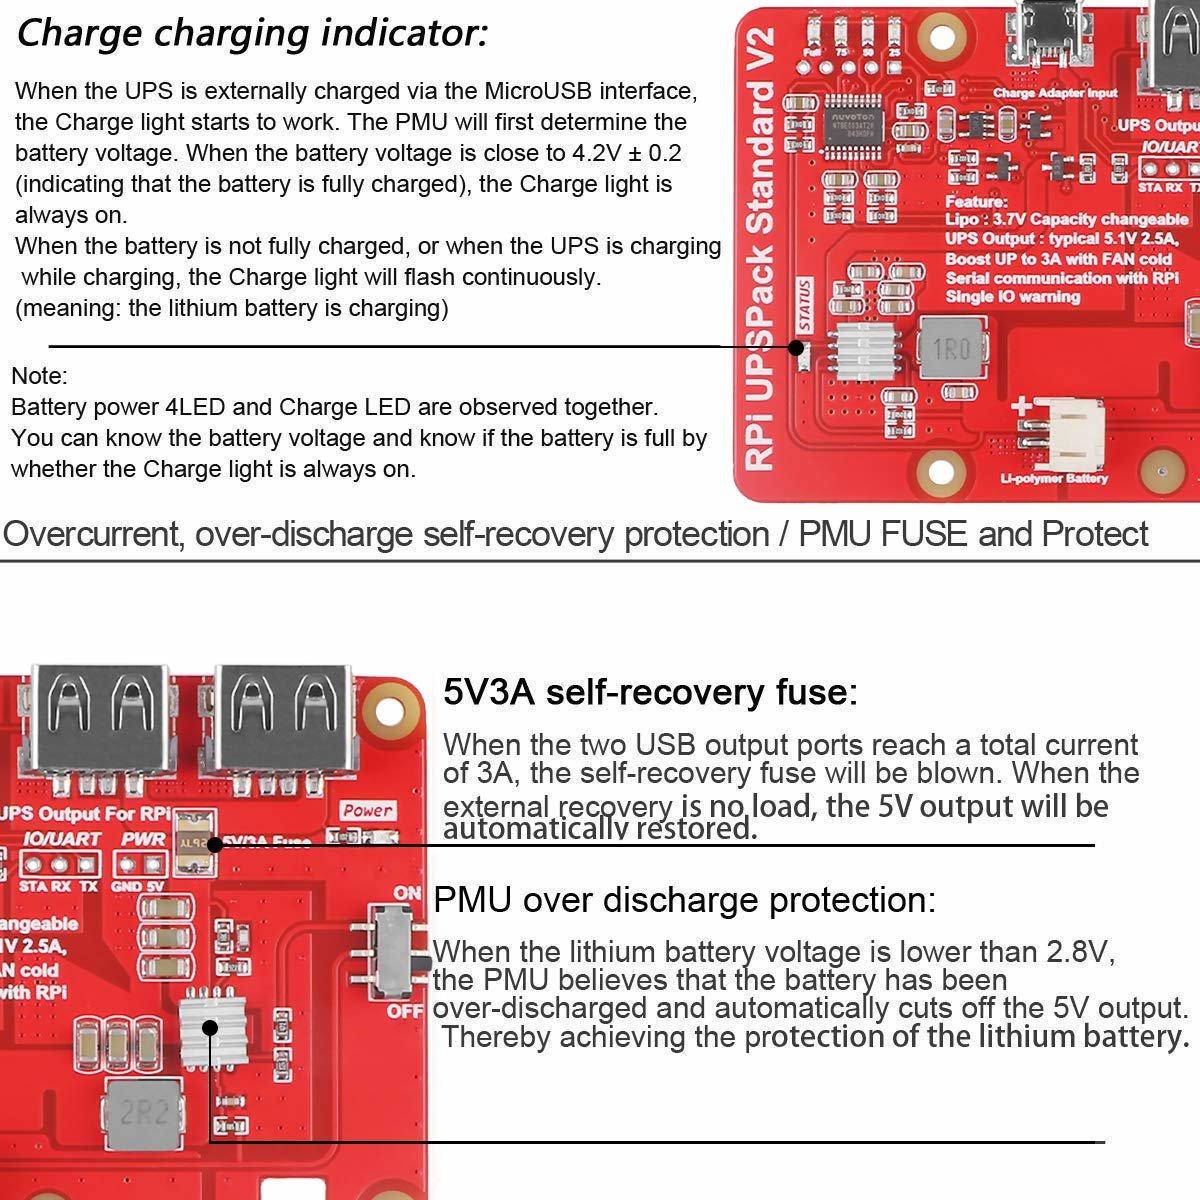 樹莓派 UPS 鋰電池擴充板 | USB 雙輸出電源供應模組 (V2)-preview-6